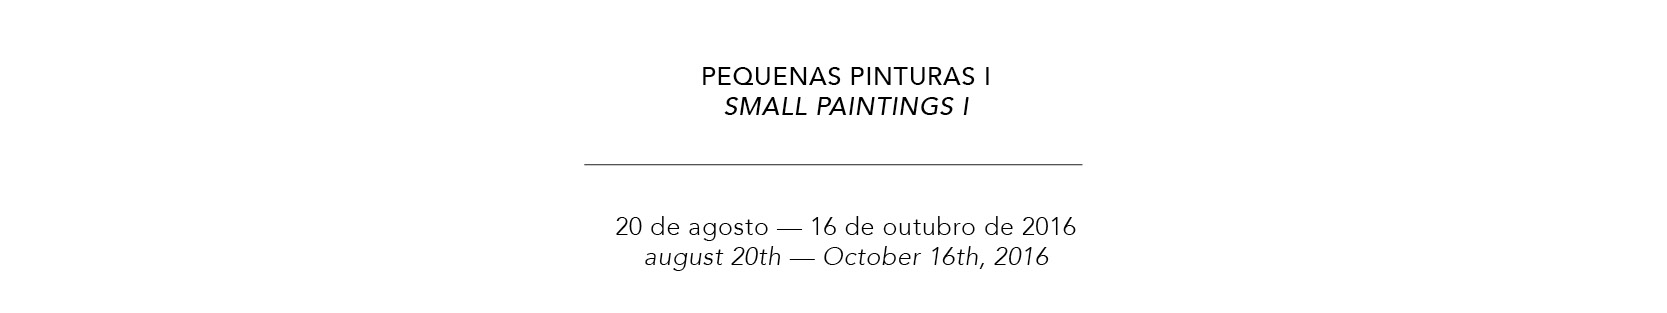 header pequenas pinturas I.jpg